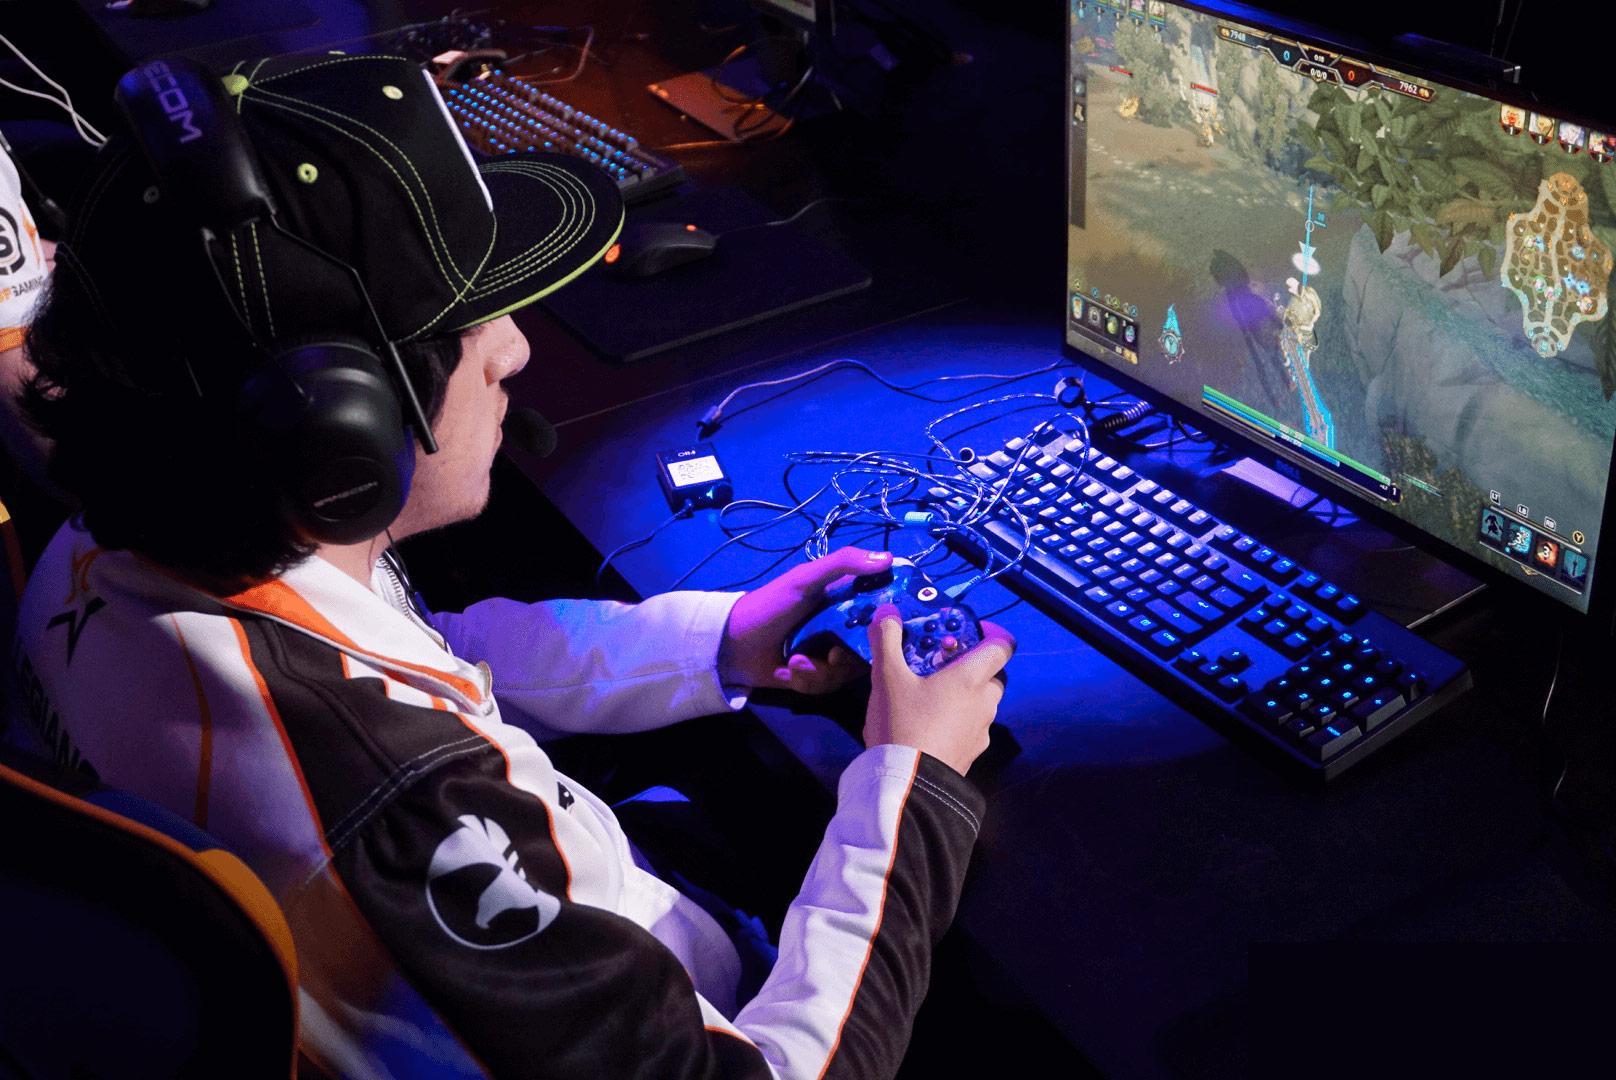 gagner de l argent en jouant a des jeux videos